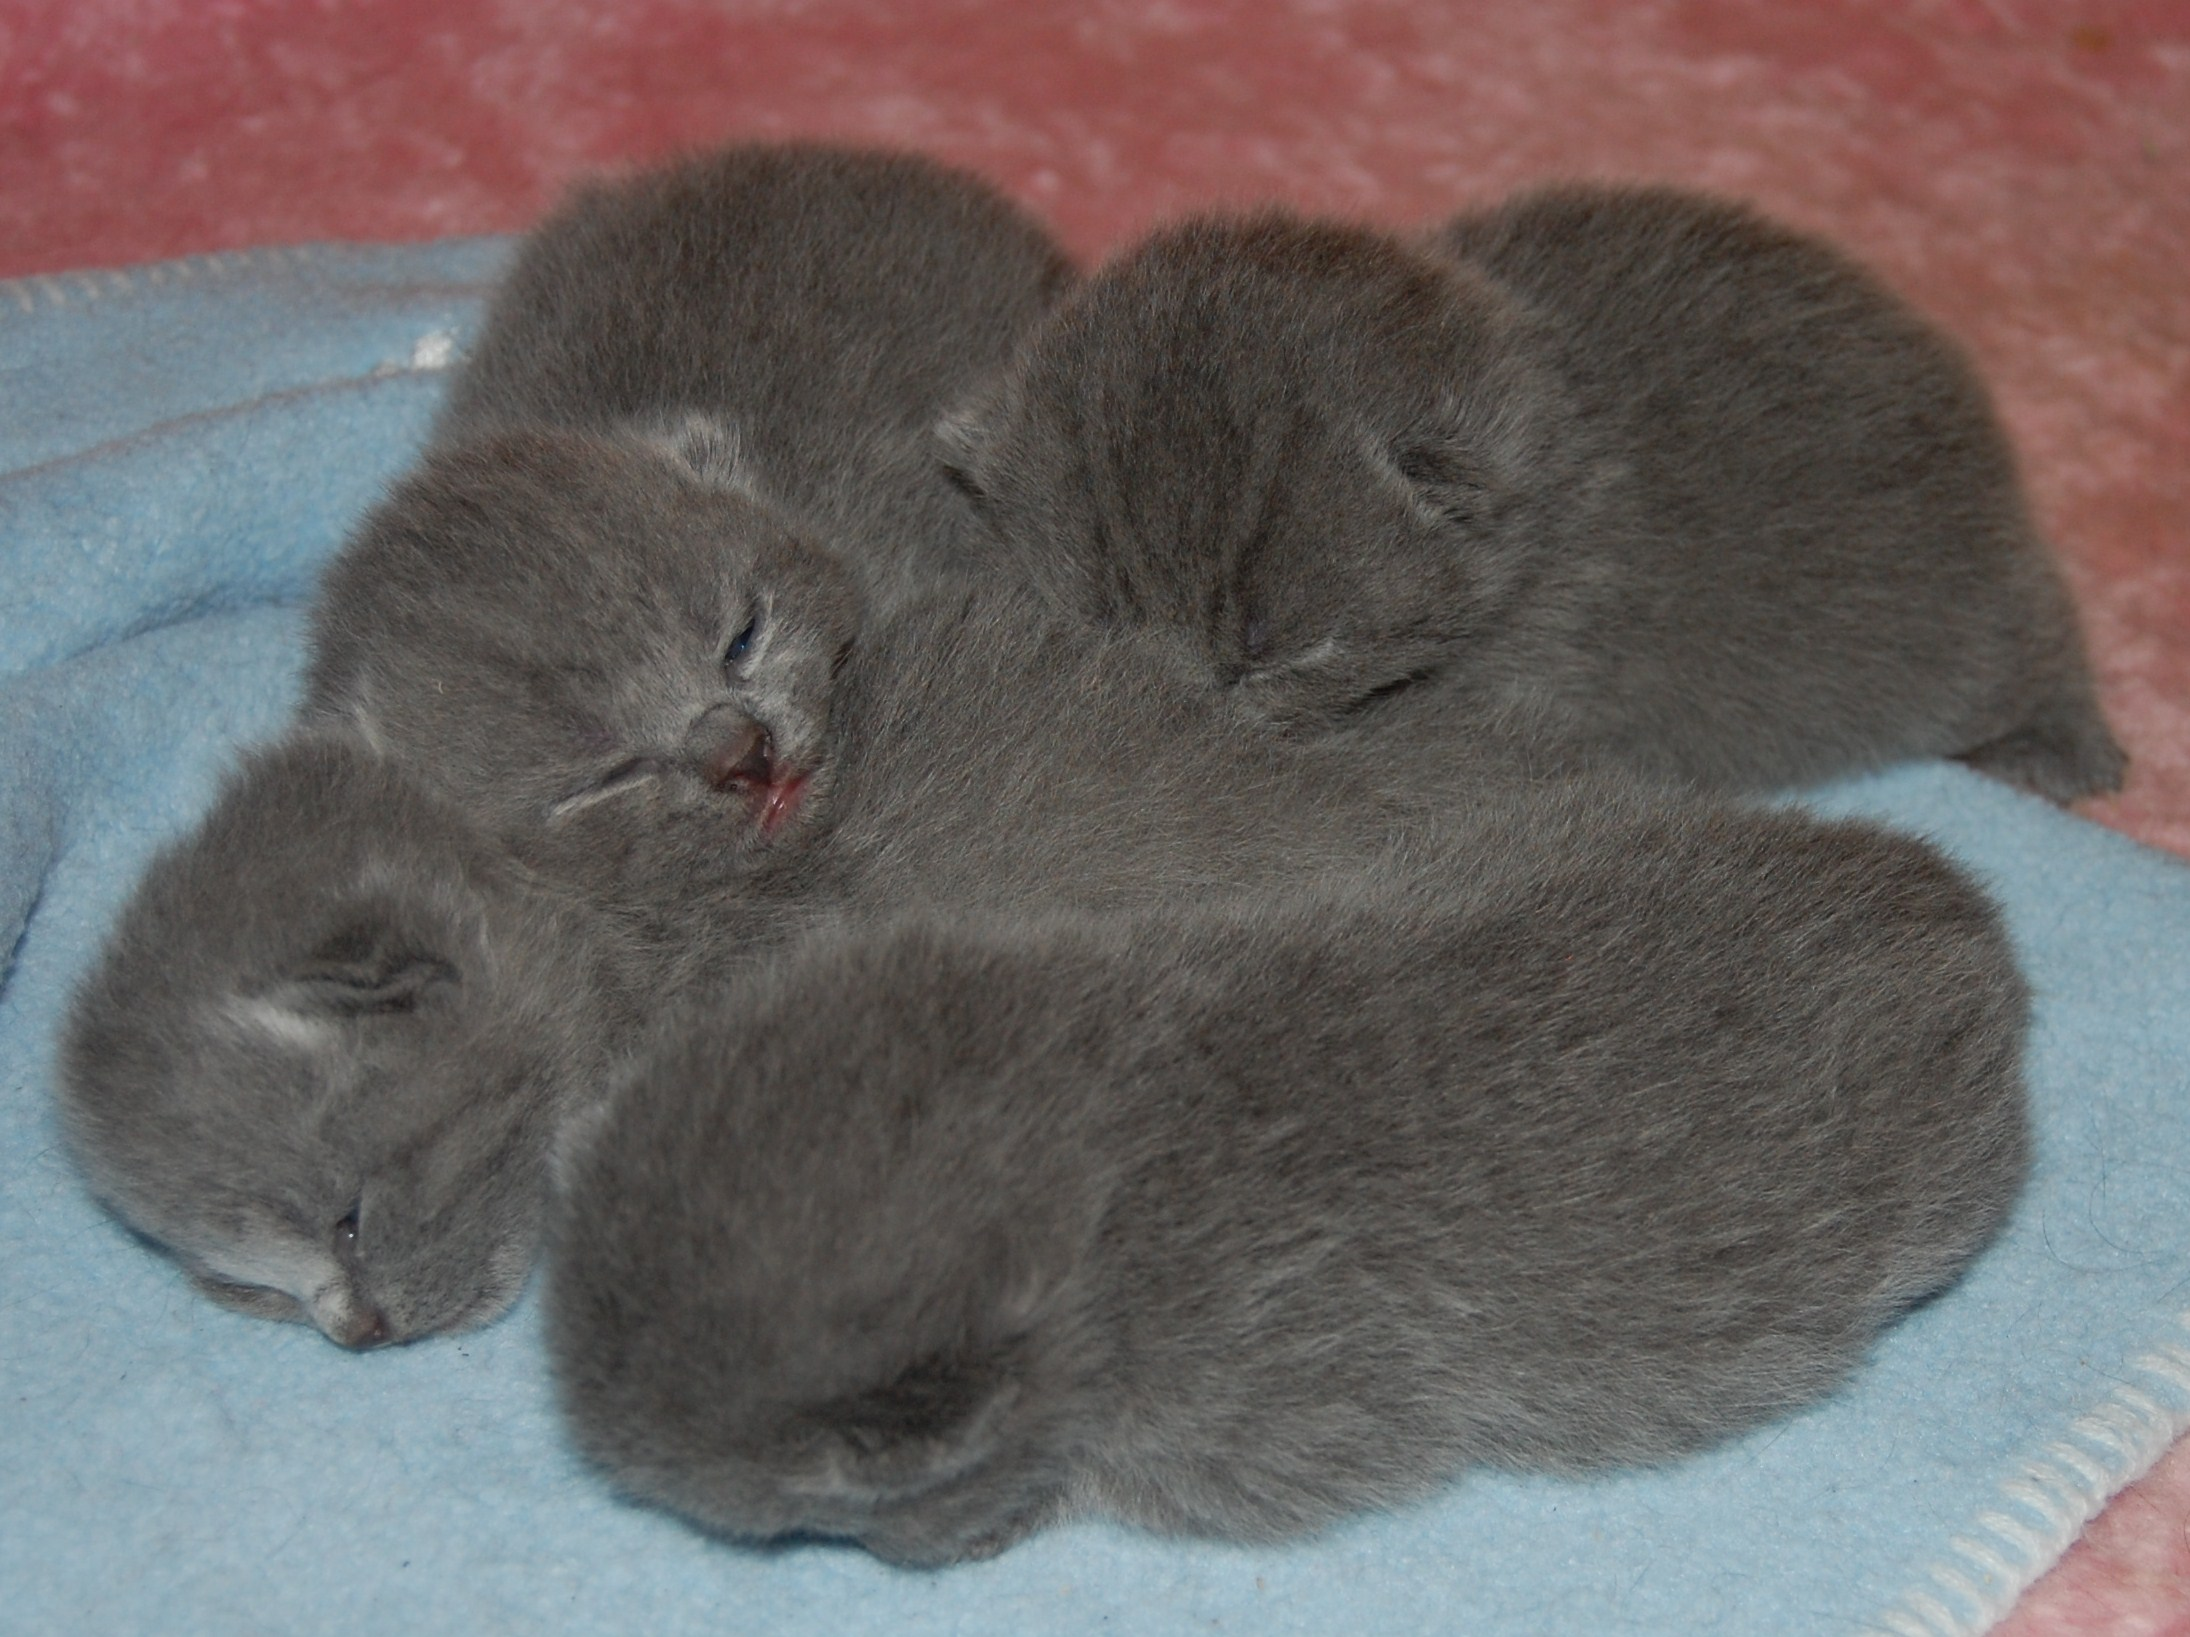 Bonnie+babies+1+week+old+001